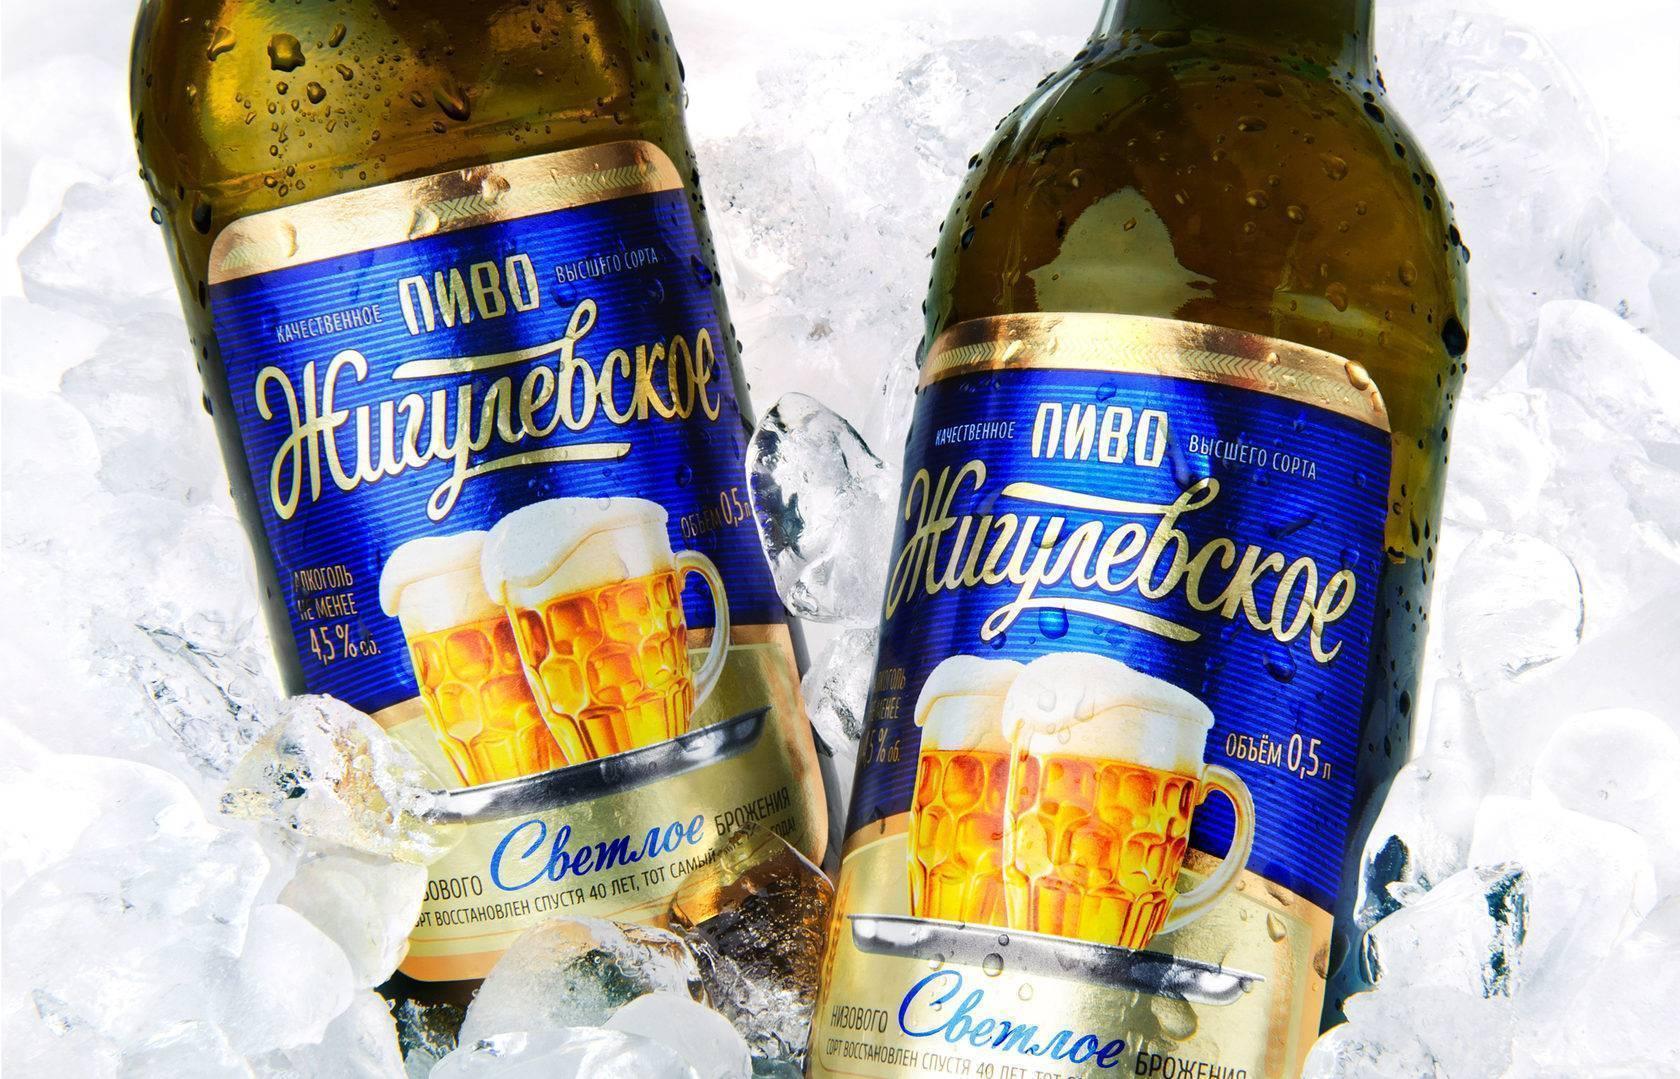 Рецепт жигулевского пива для домашней пивоварни. сколько градусов в жигулевском пиве